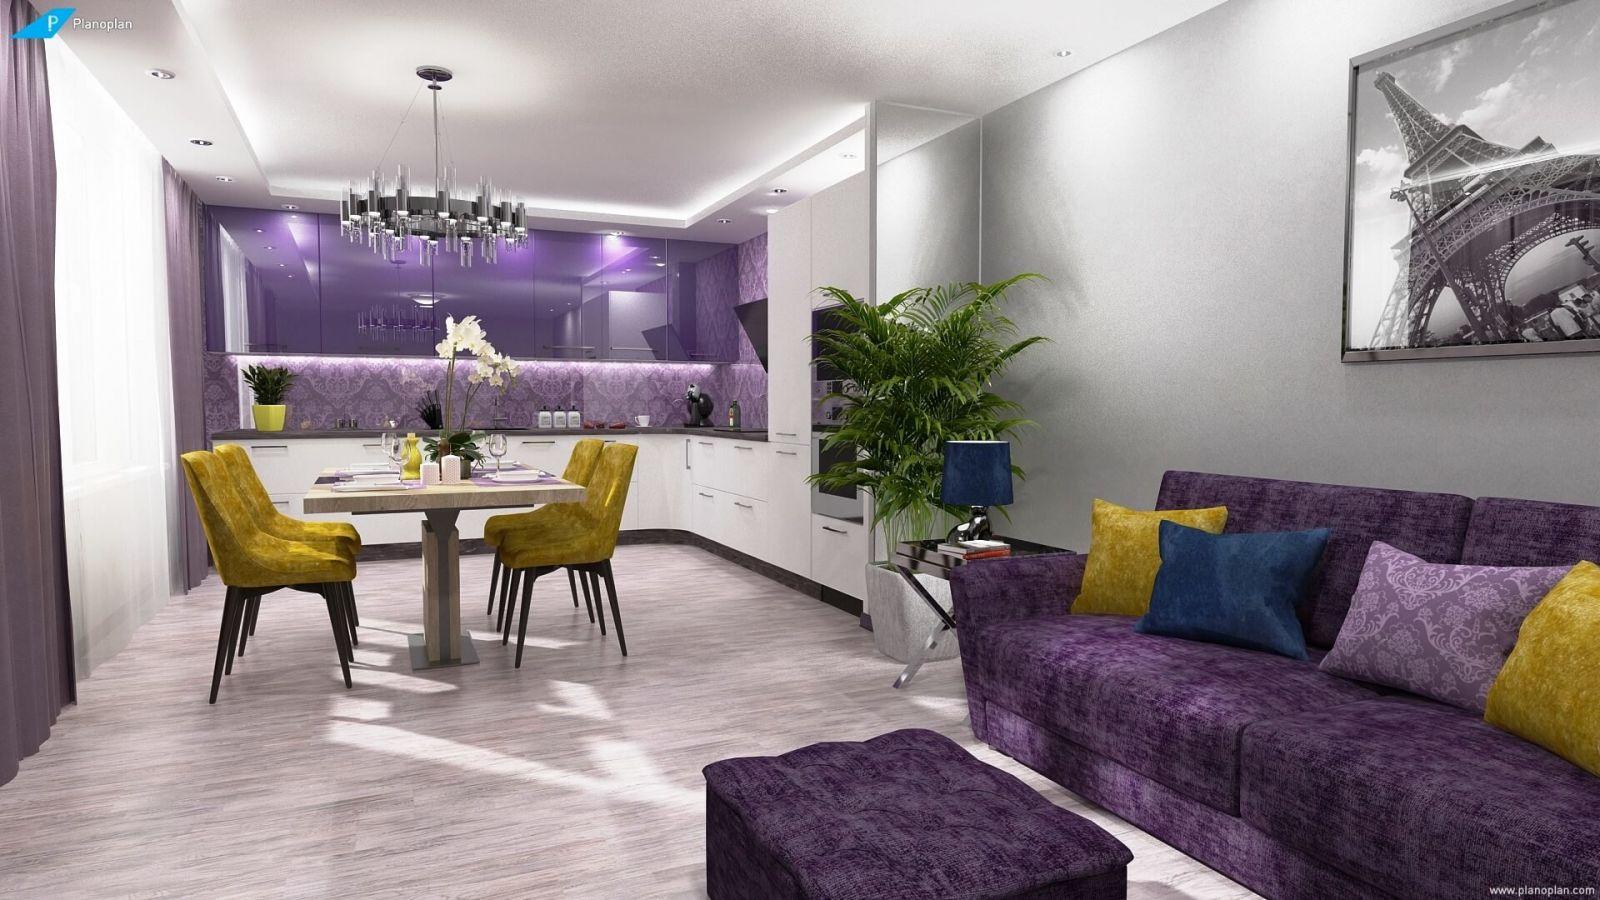 Колоритные сочетания Ultra Violet с яркими оттенками желтого, бирюзового и марсалового создают насыщенный цветовой дизайн.